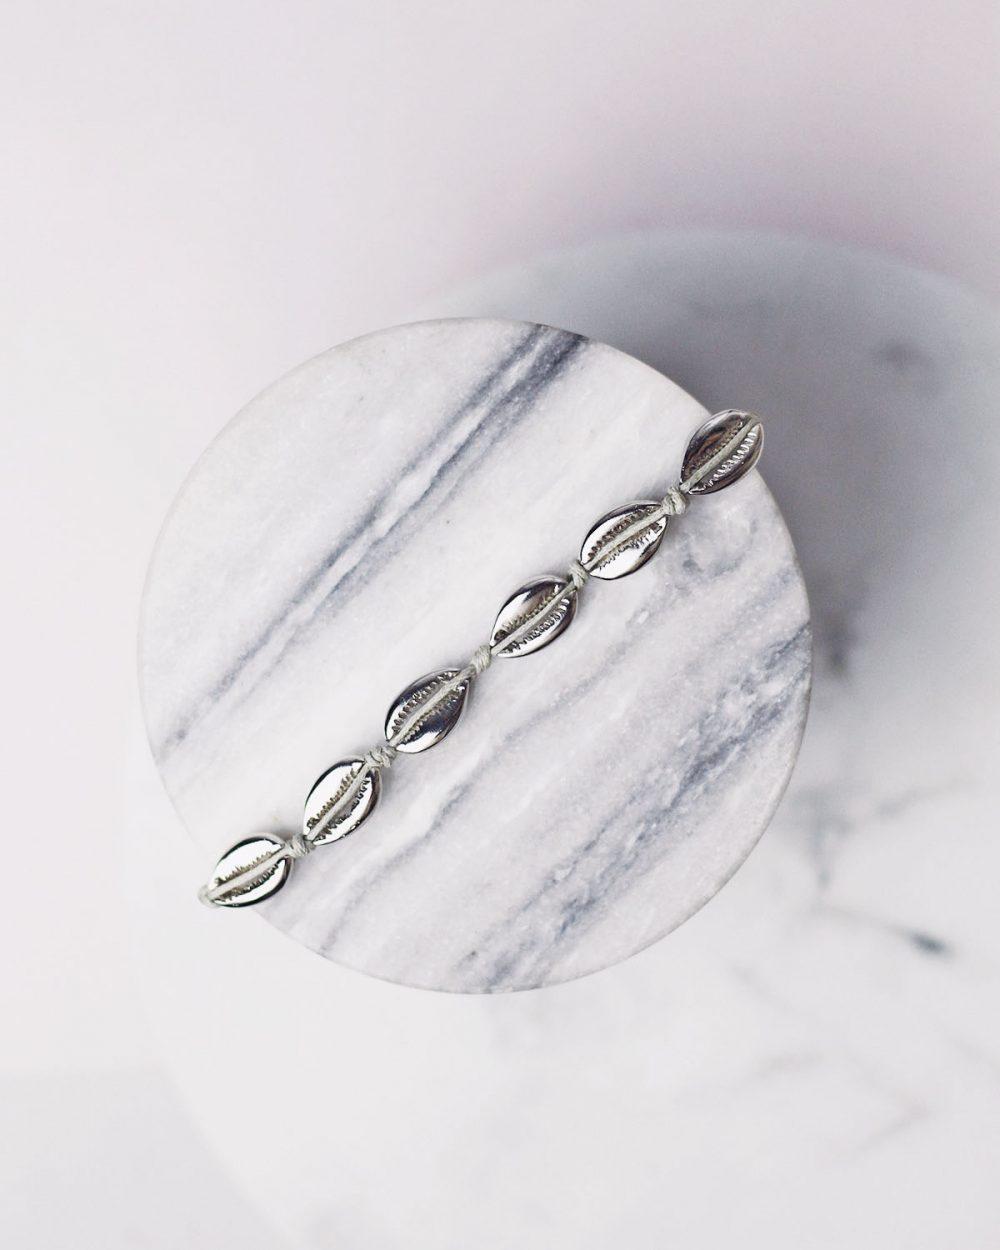 apyranke iš sidabro spalvos kriauklyčių